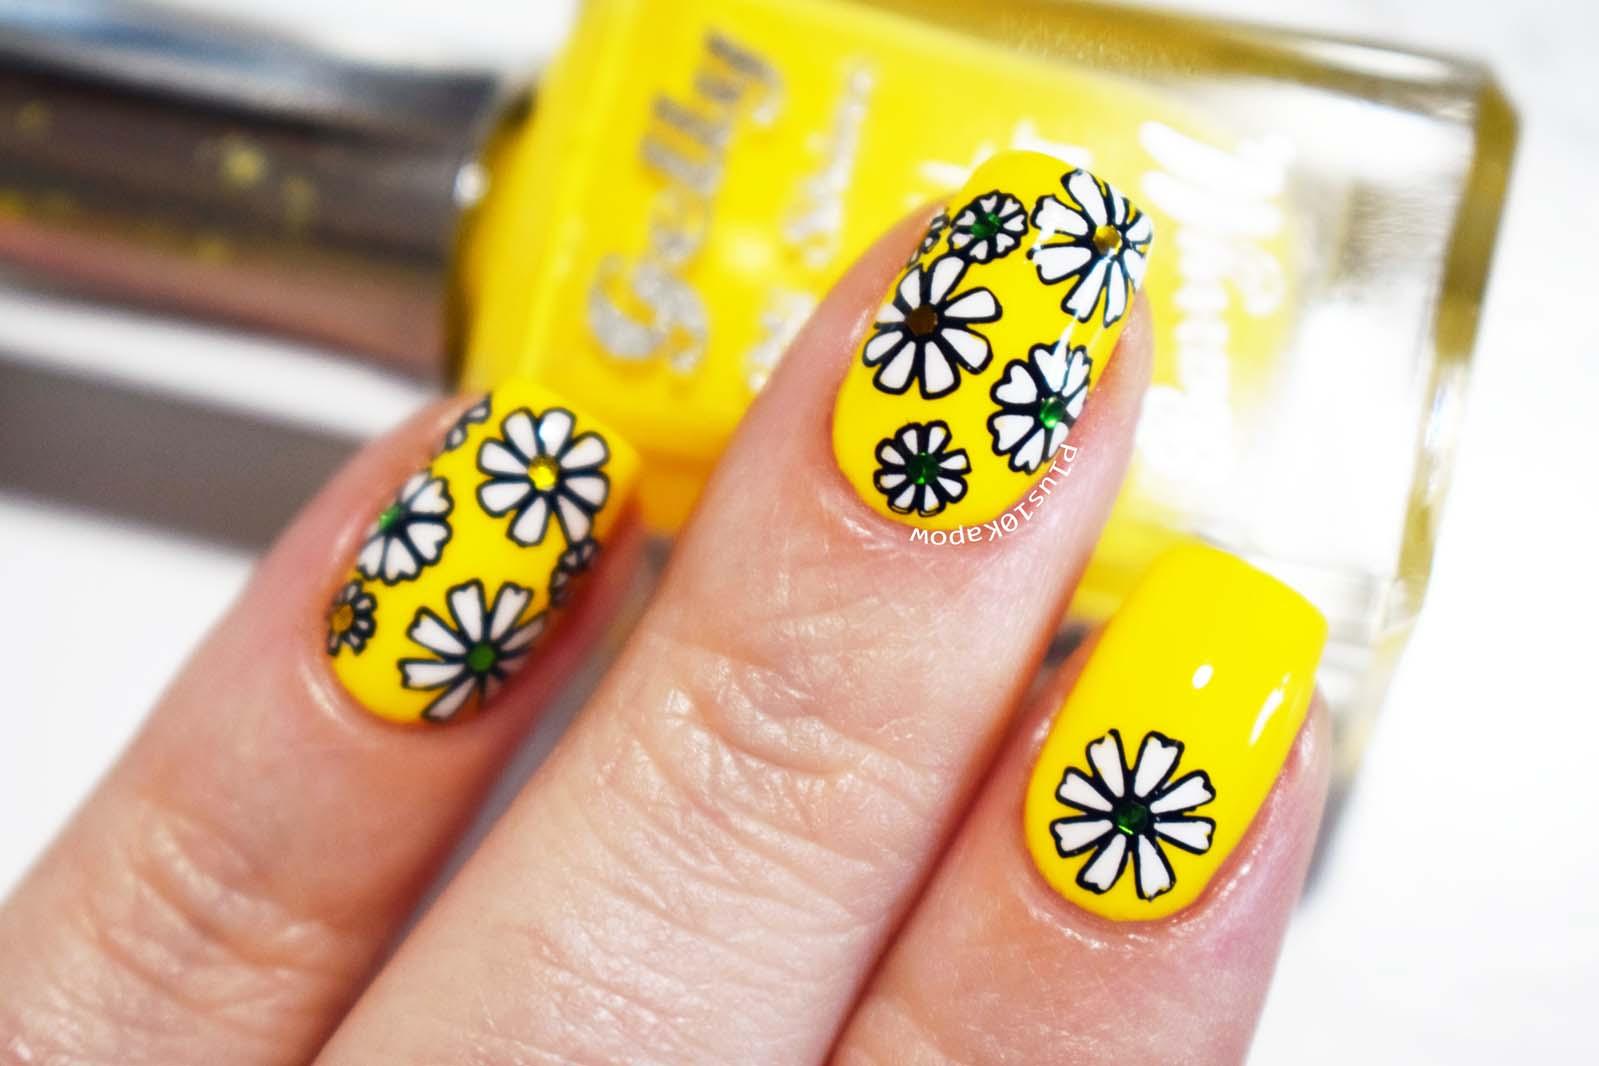 Glequin daisies Plus10Kapow